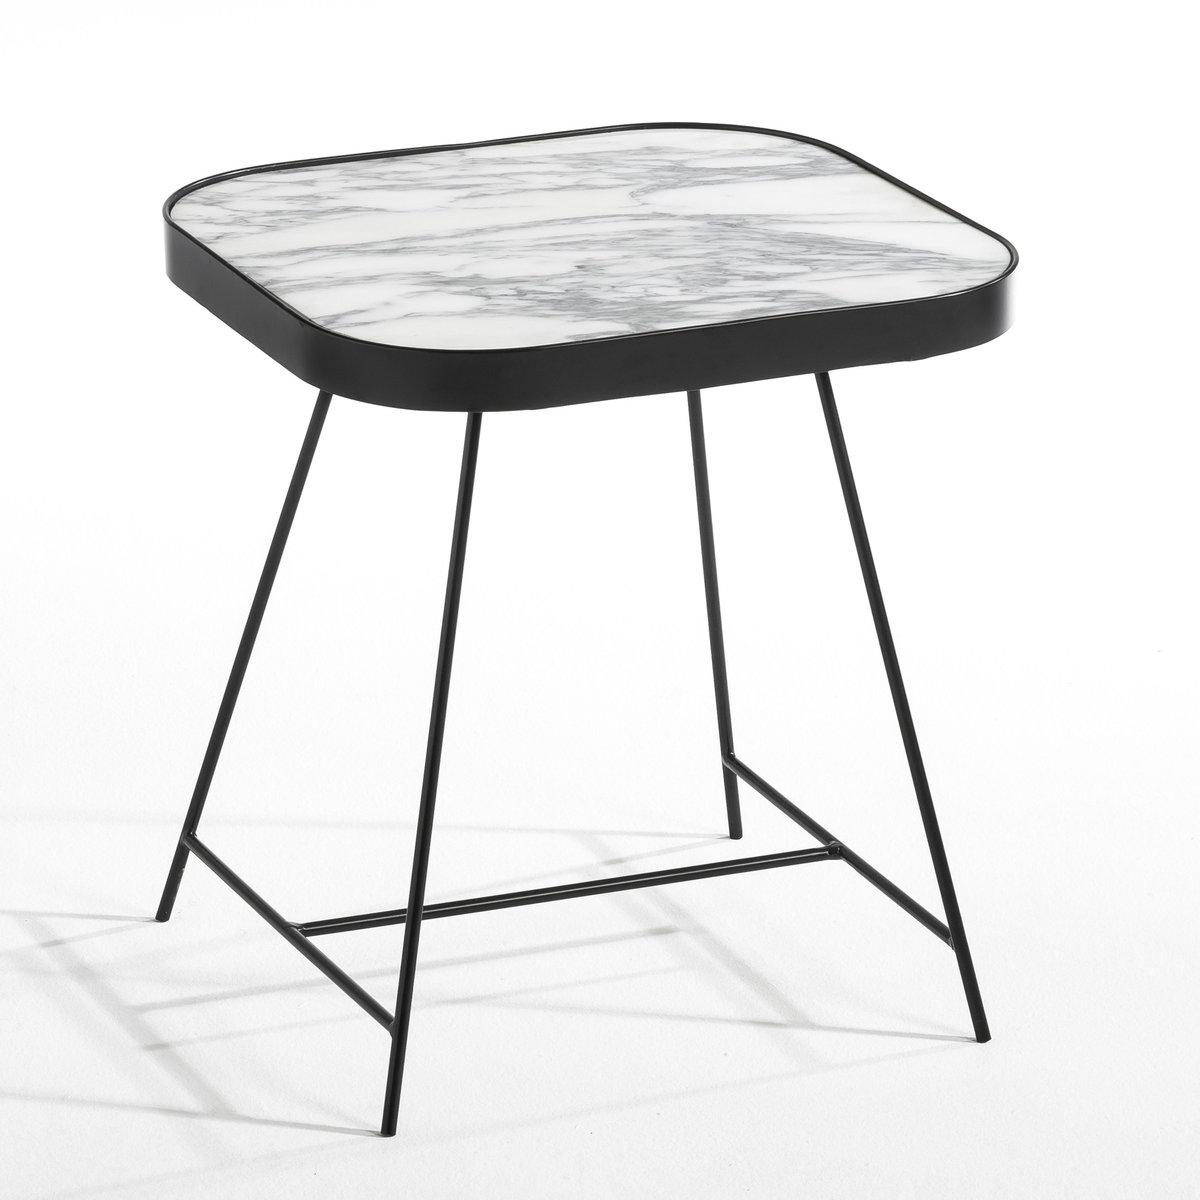 Столик диванный из мрамора Gemma, дизайн Э. Галлины